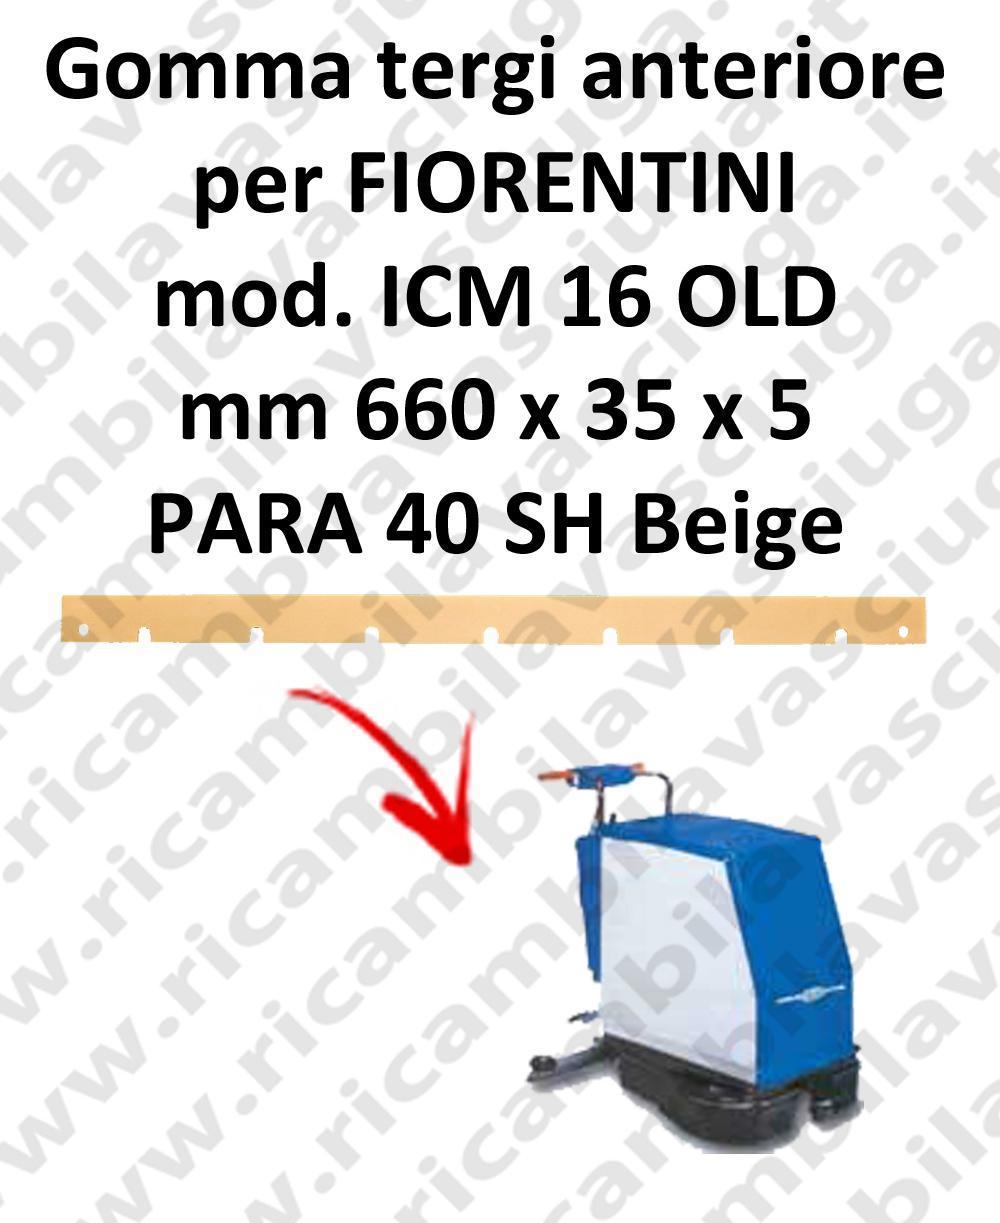 ICM 16 OLD Vorne Sauglippen für scheuersaugmaschinen FIORENTINI